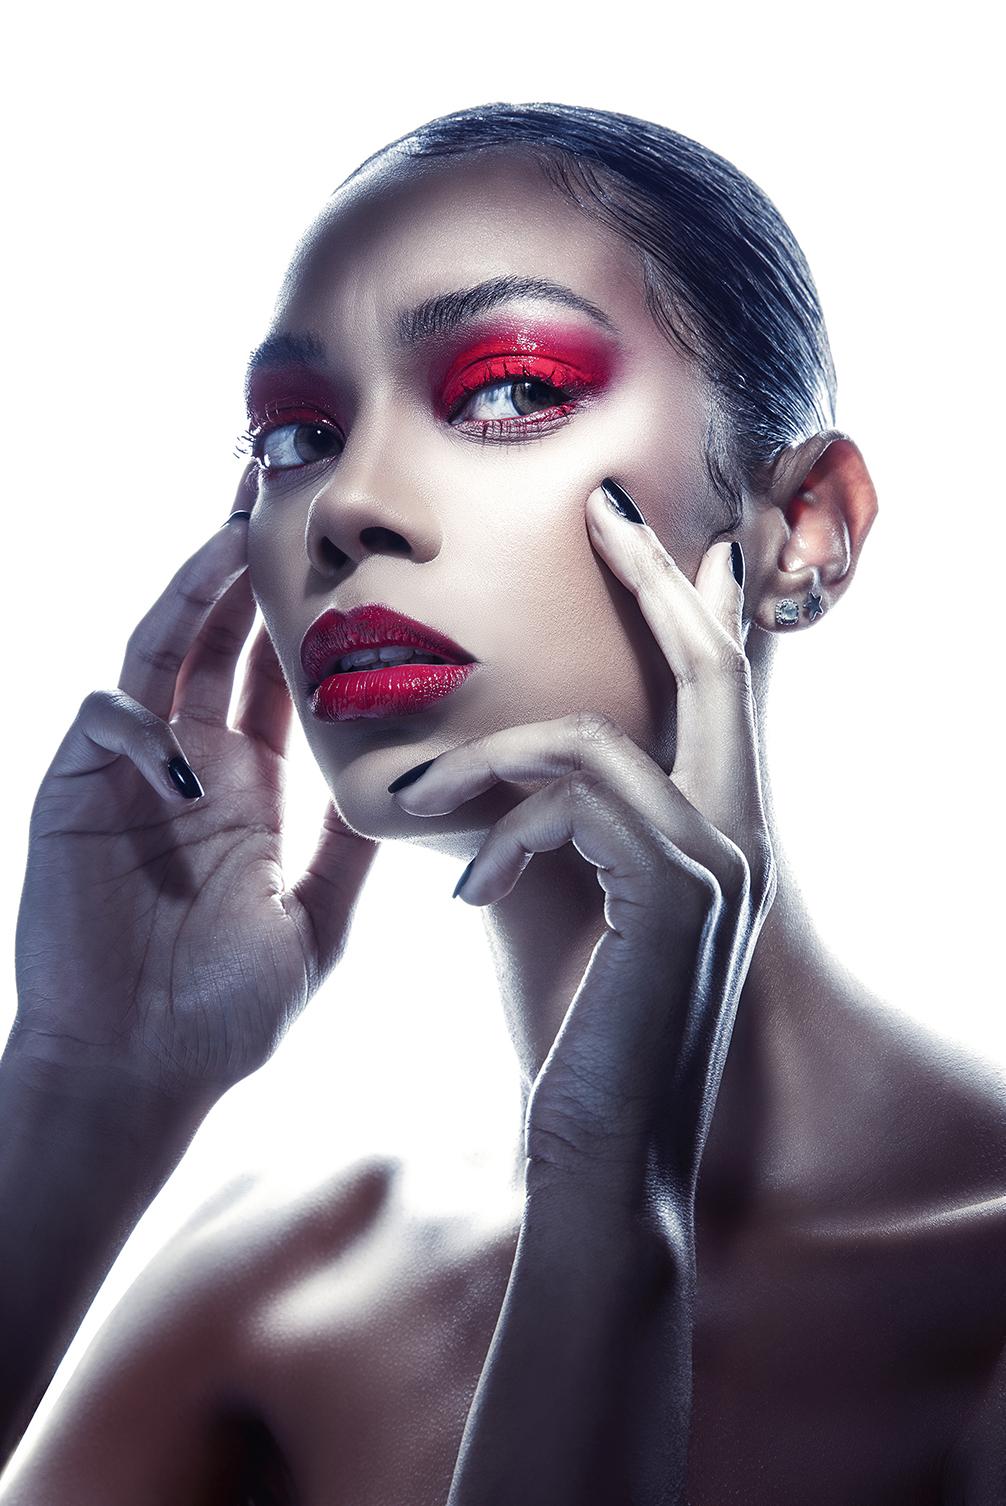 anna-lighting-tutorial-beauty-shoot.jpg